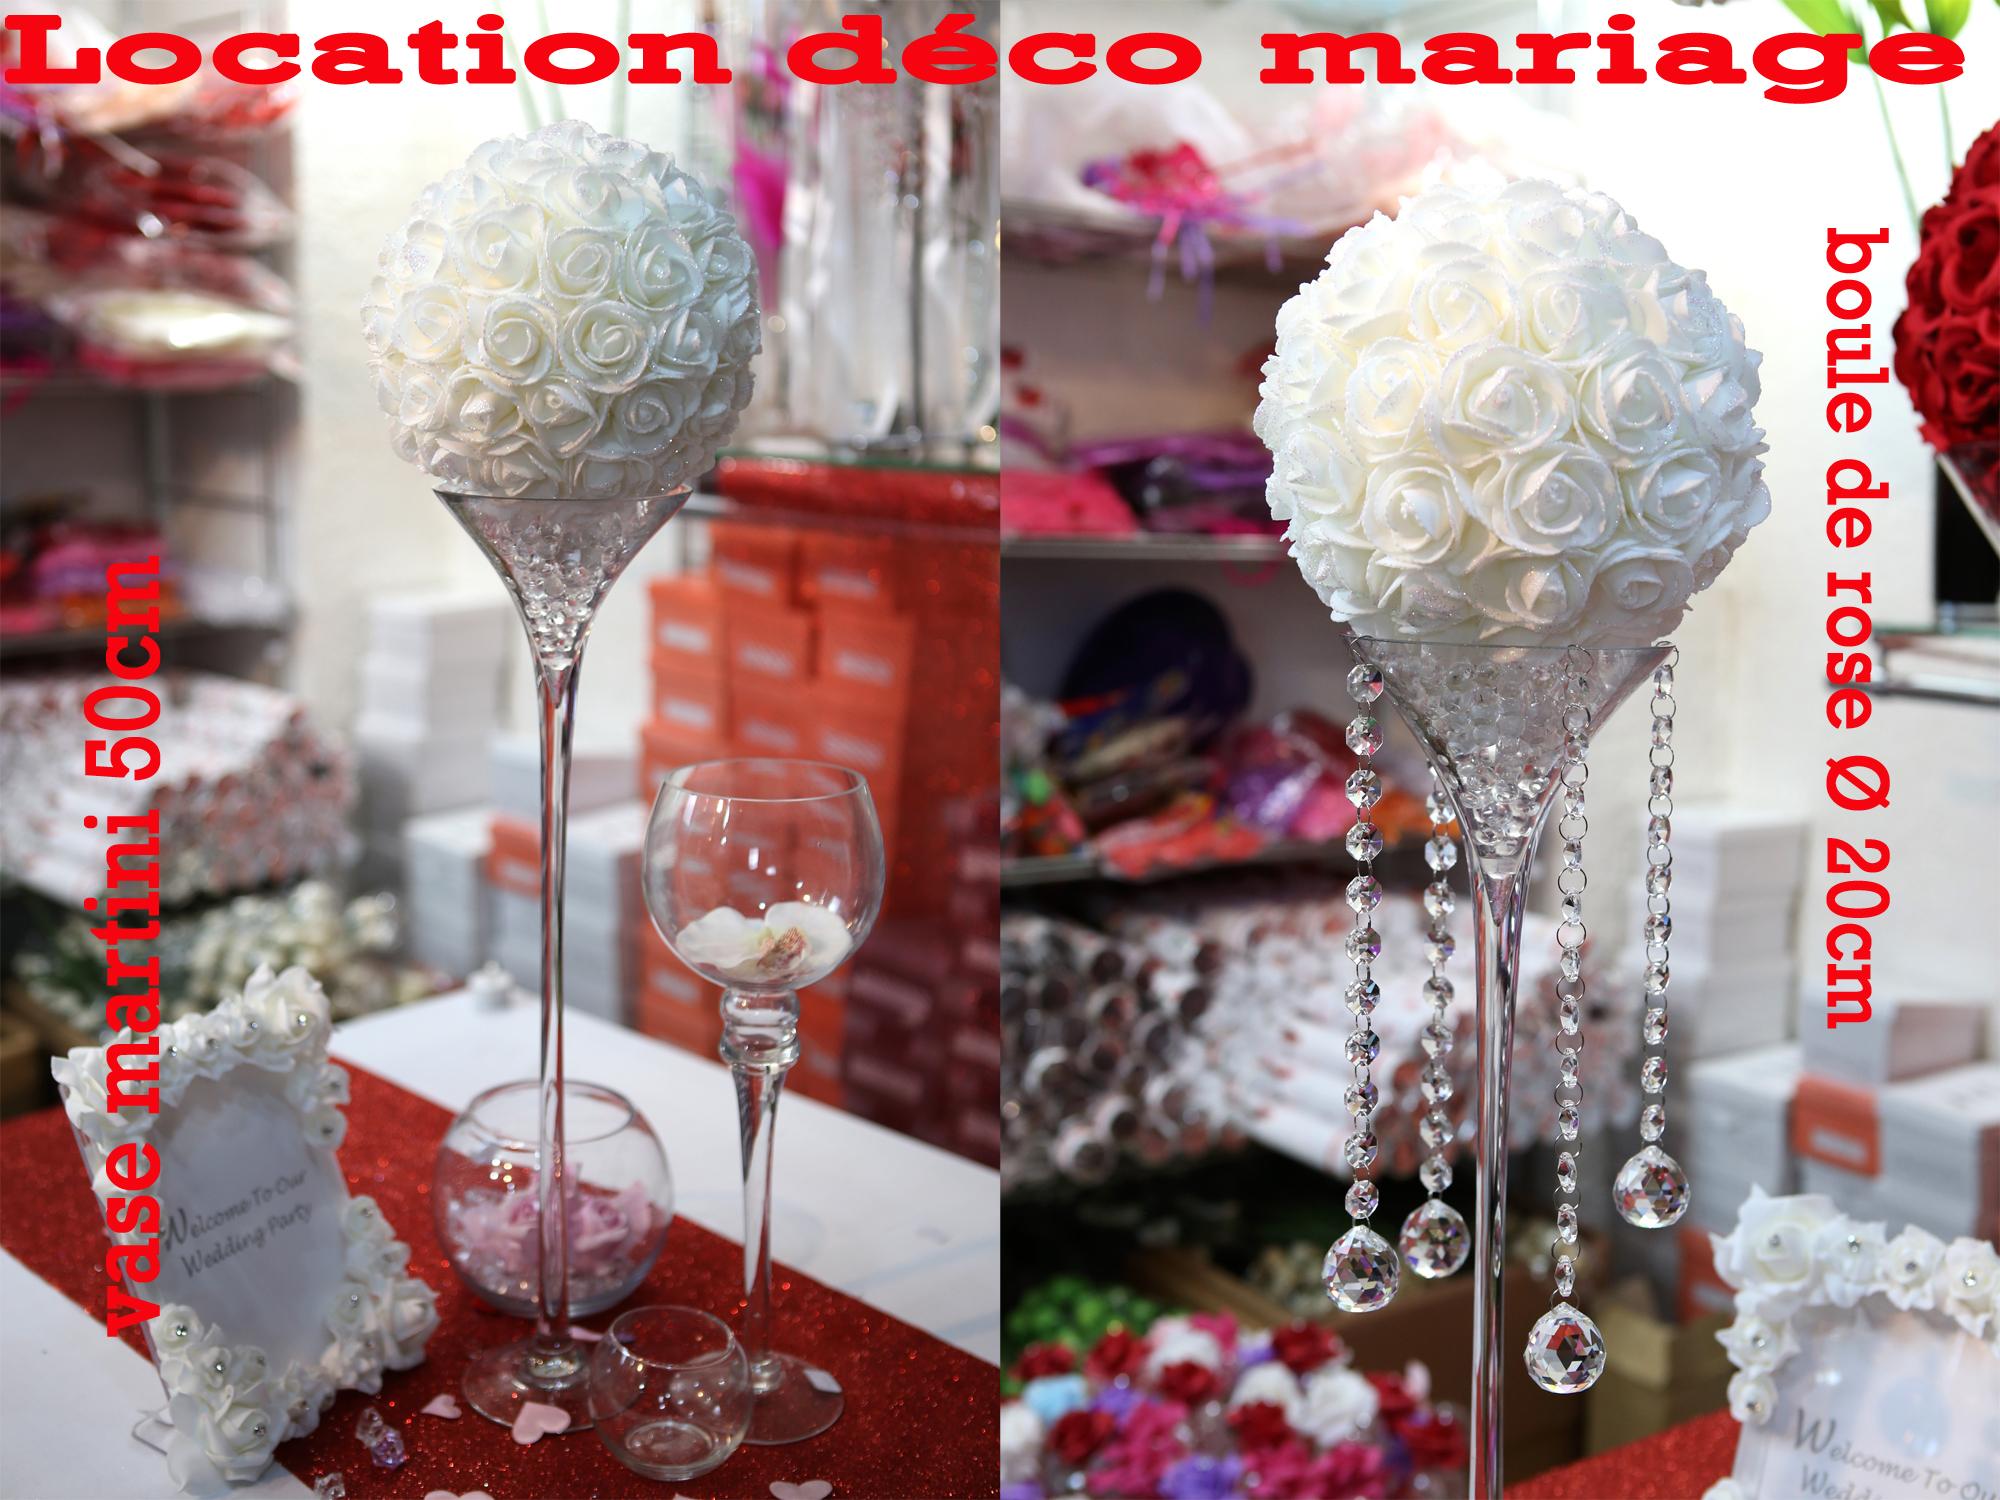 Location vase martini 50 cm avec boule de fleur LOM1